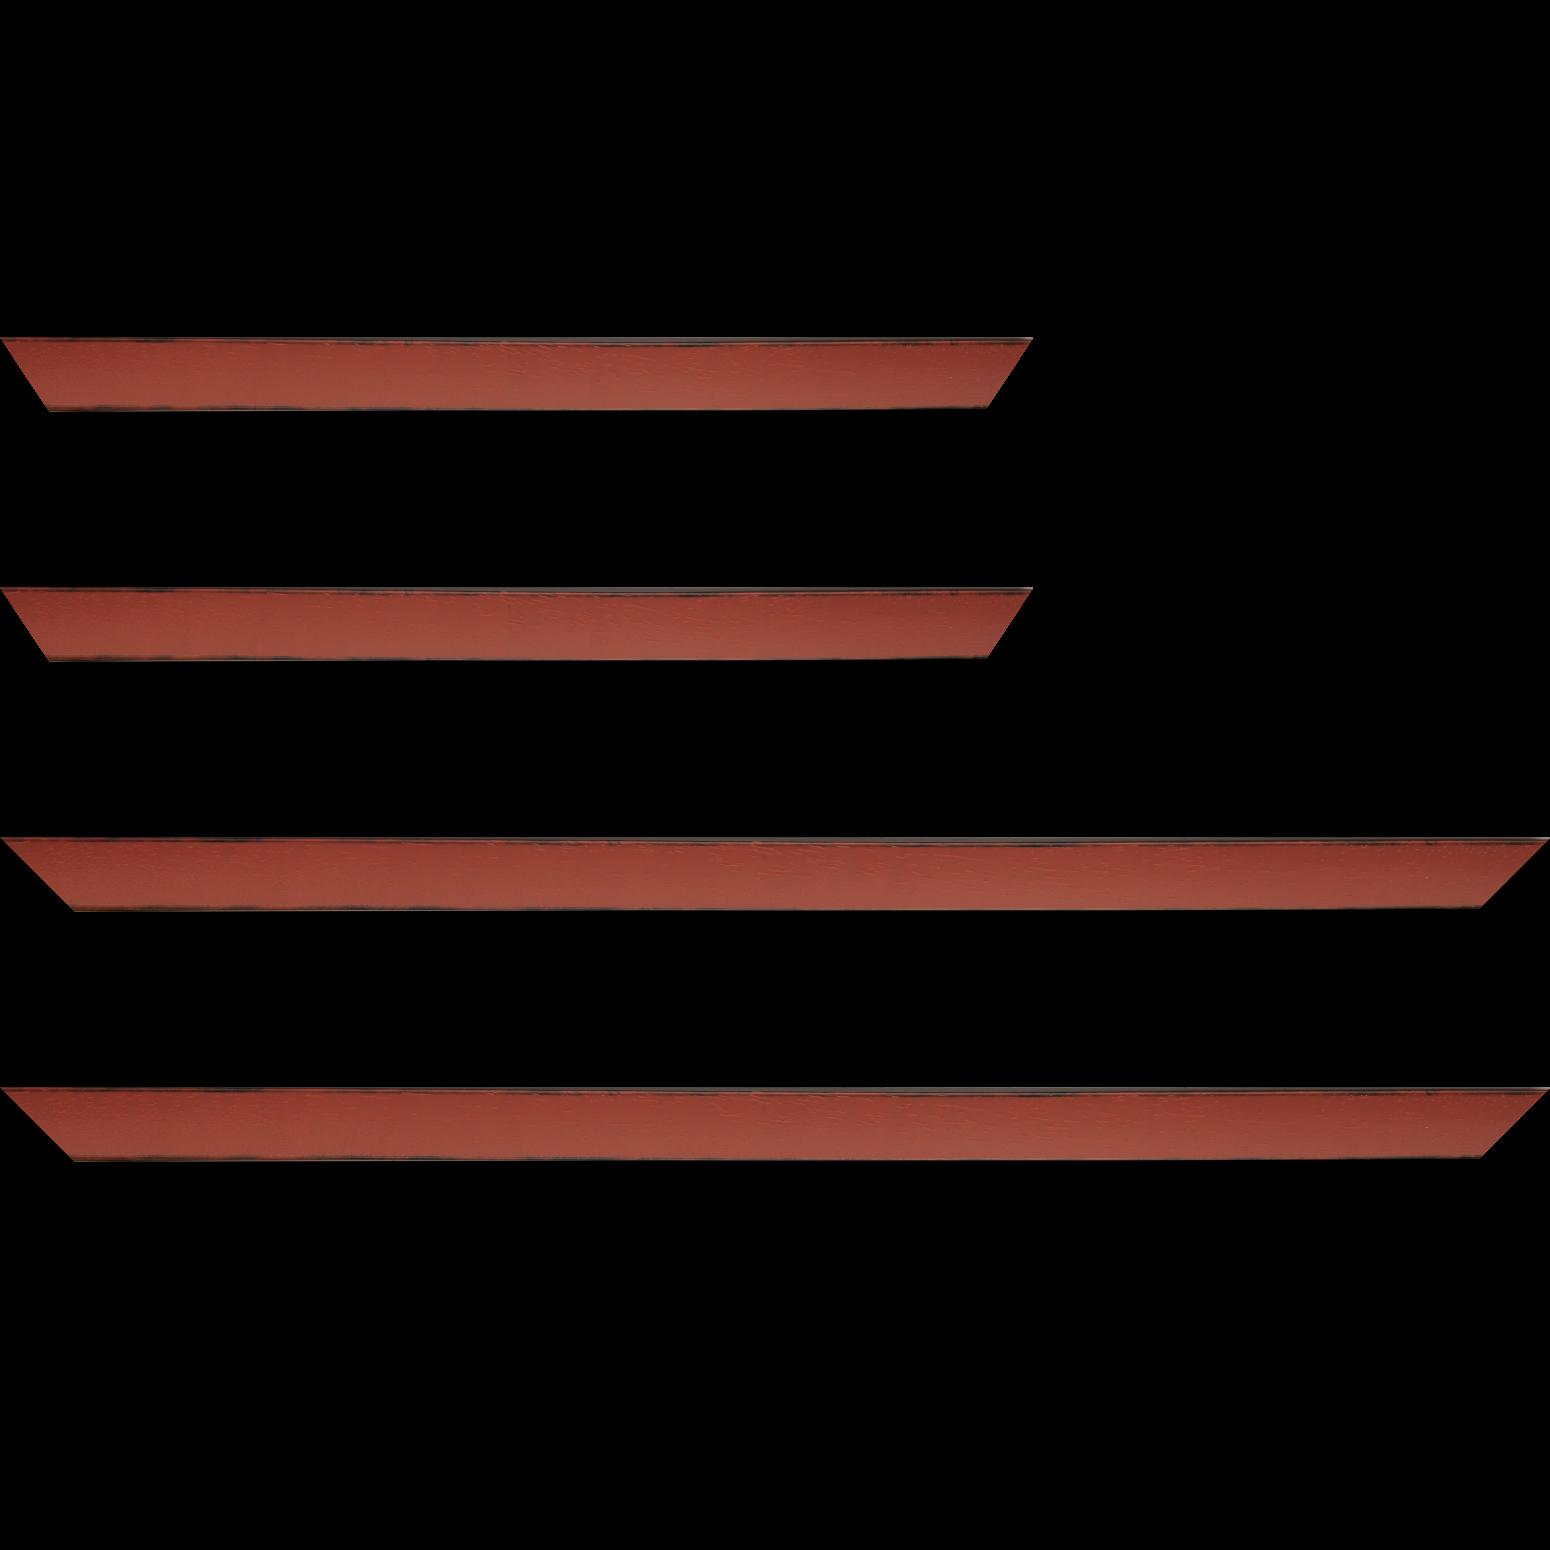 Baguette service précoupé Bois profil concave largeur 2.4cm couleur bordeaux satiné arêtes essuyés noircies de chaque coté